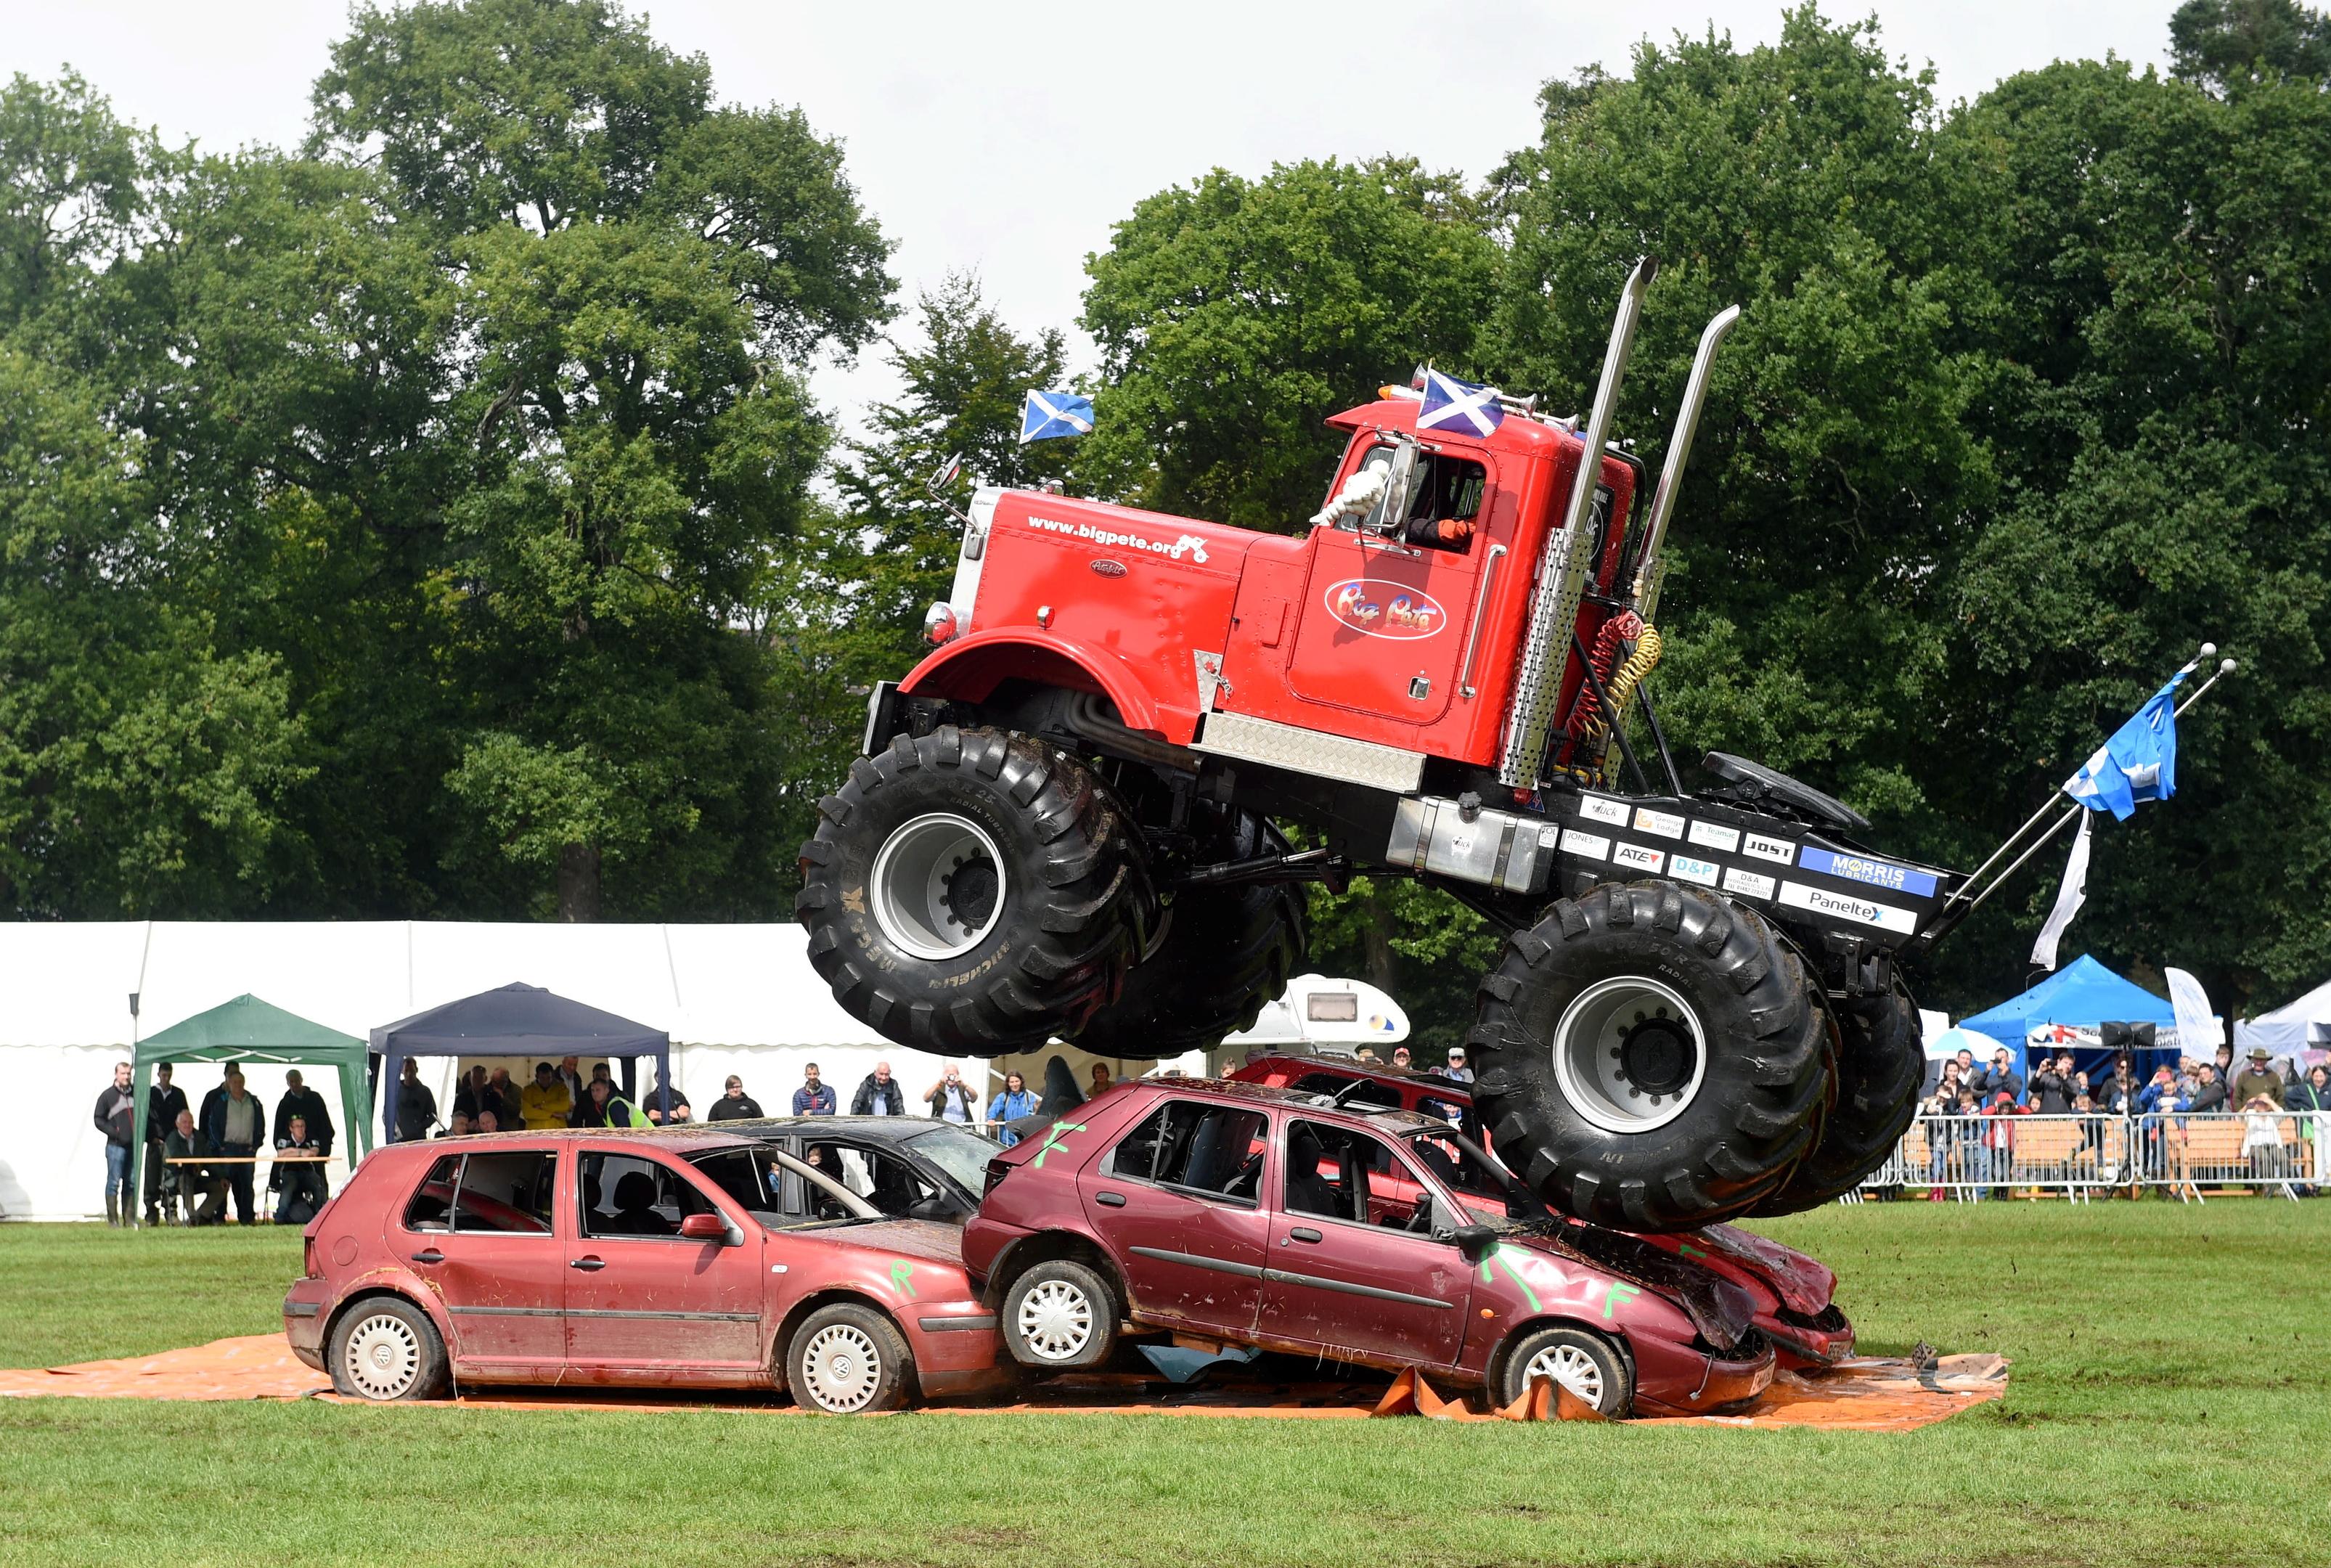 The monster trucks in action